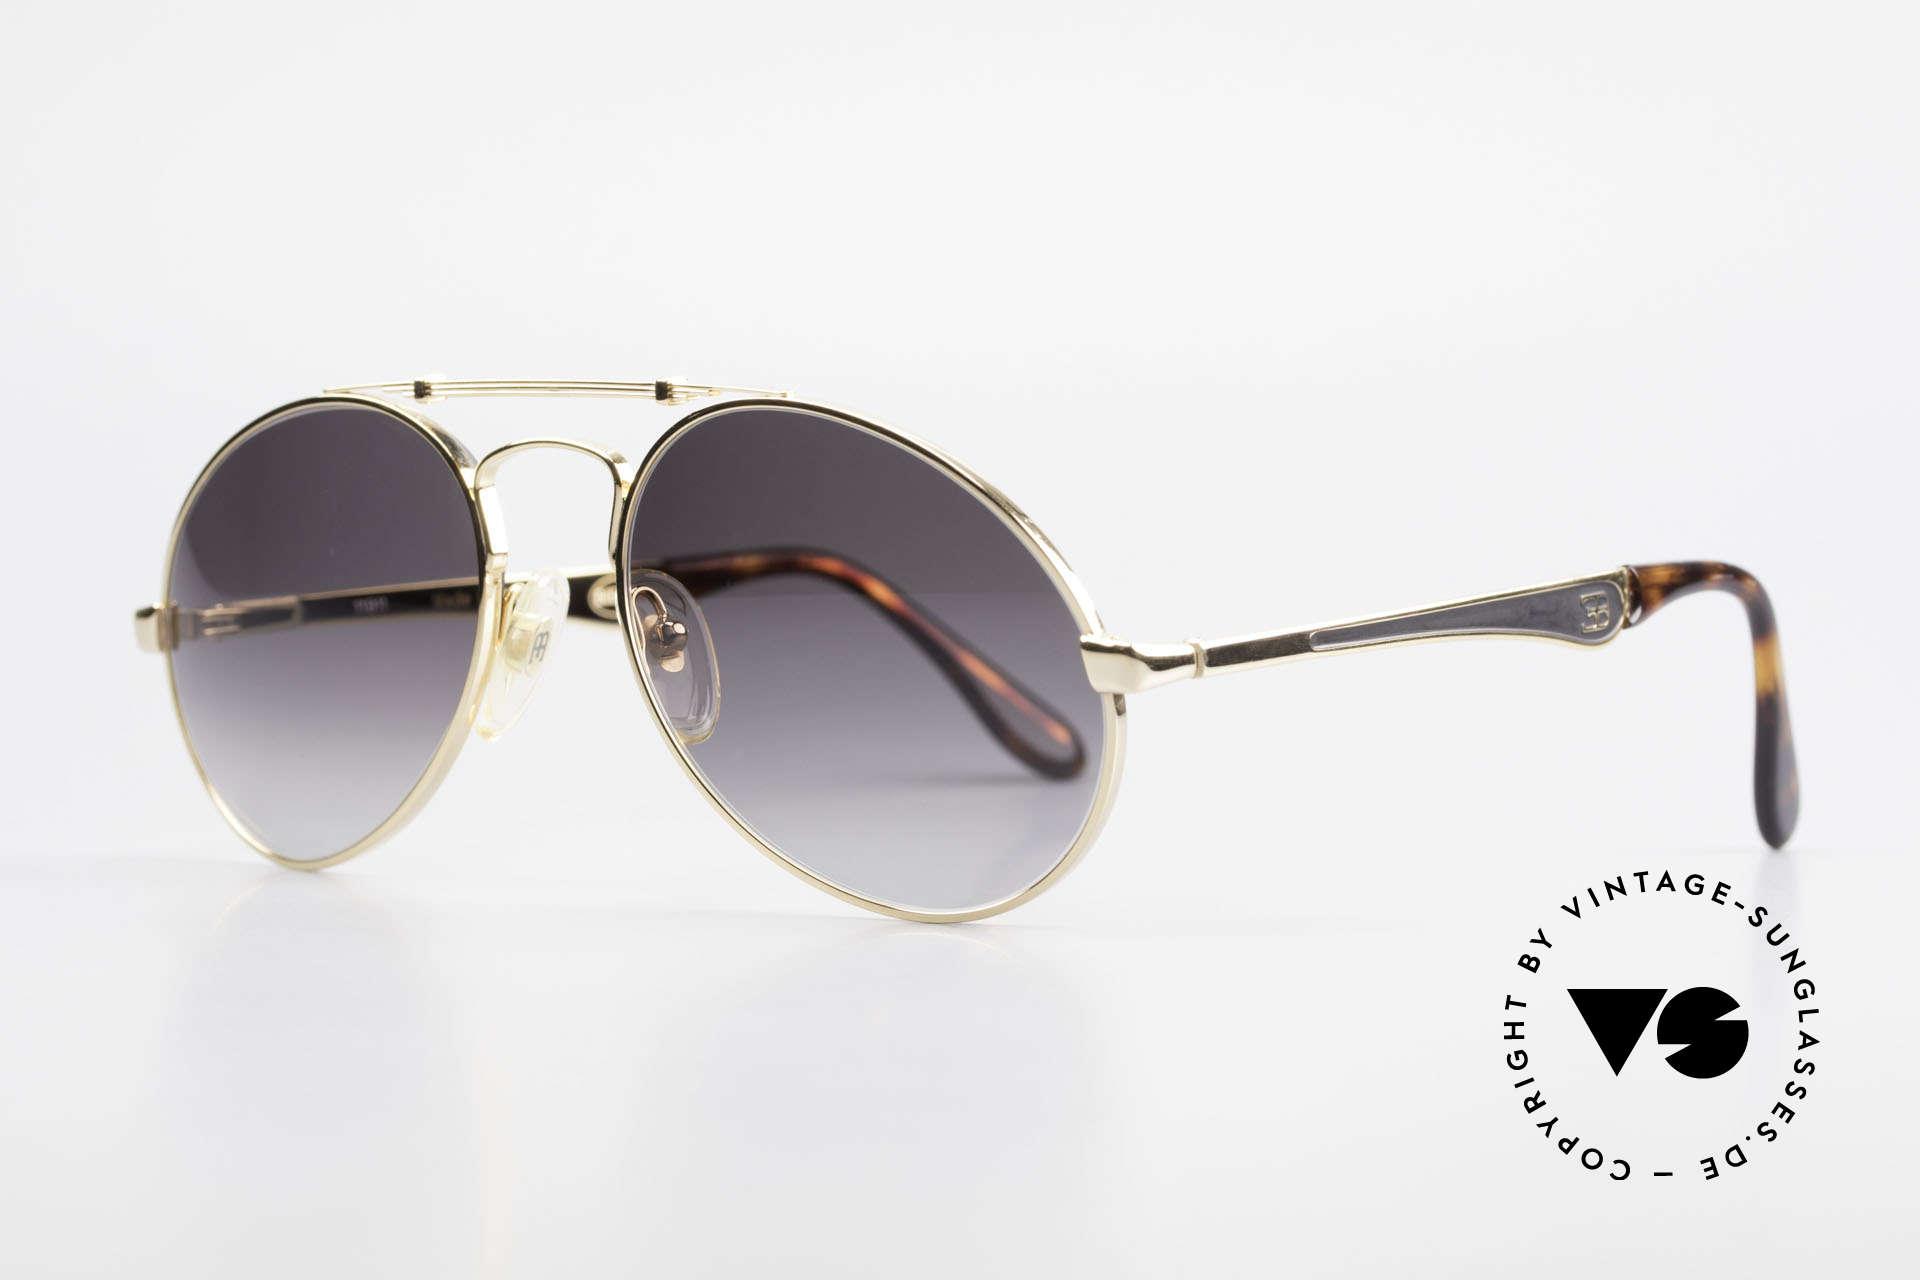 Bugatti 11911 80er Herren Luxus Sonnenbrille, keine Tropfen- od. Aviatorform, sondern Bugatti, Passend für Herren